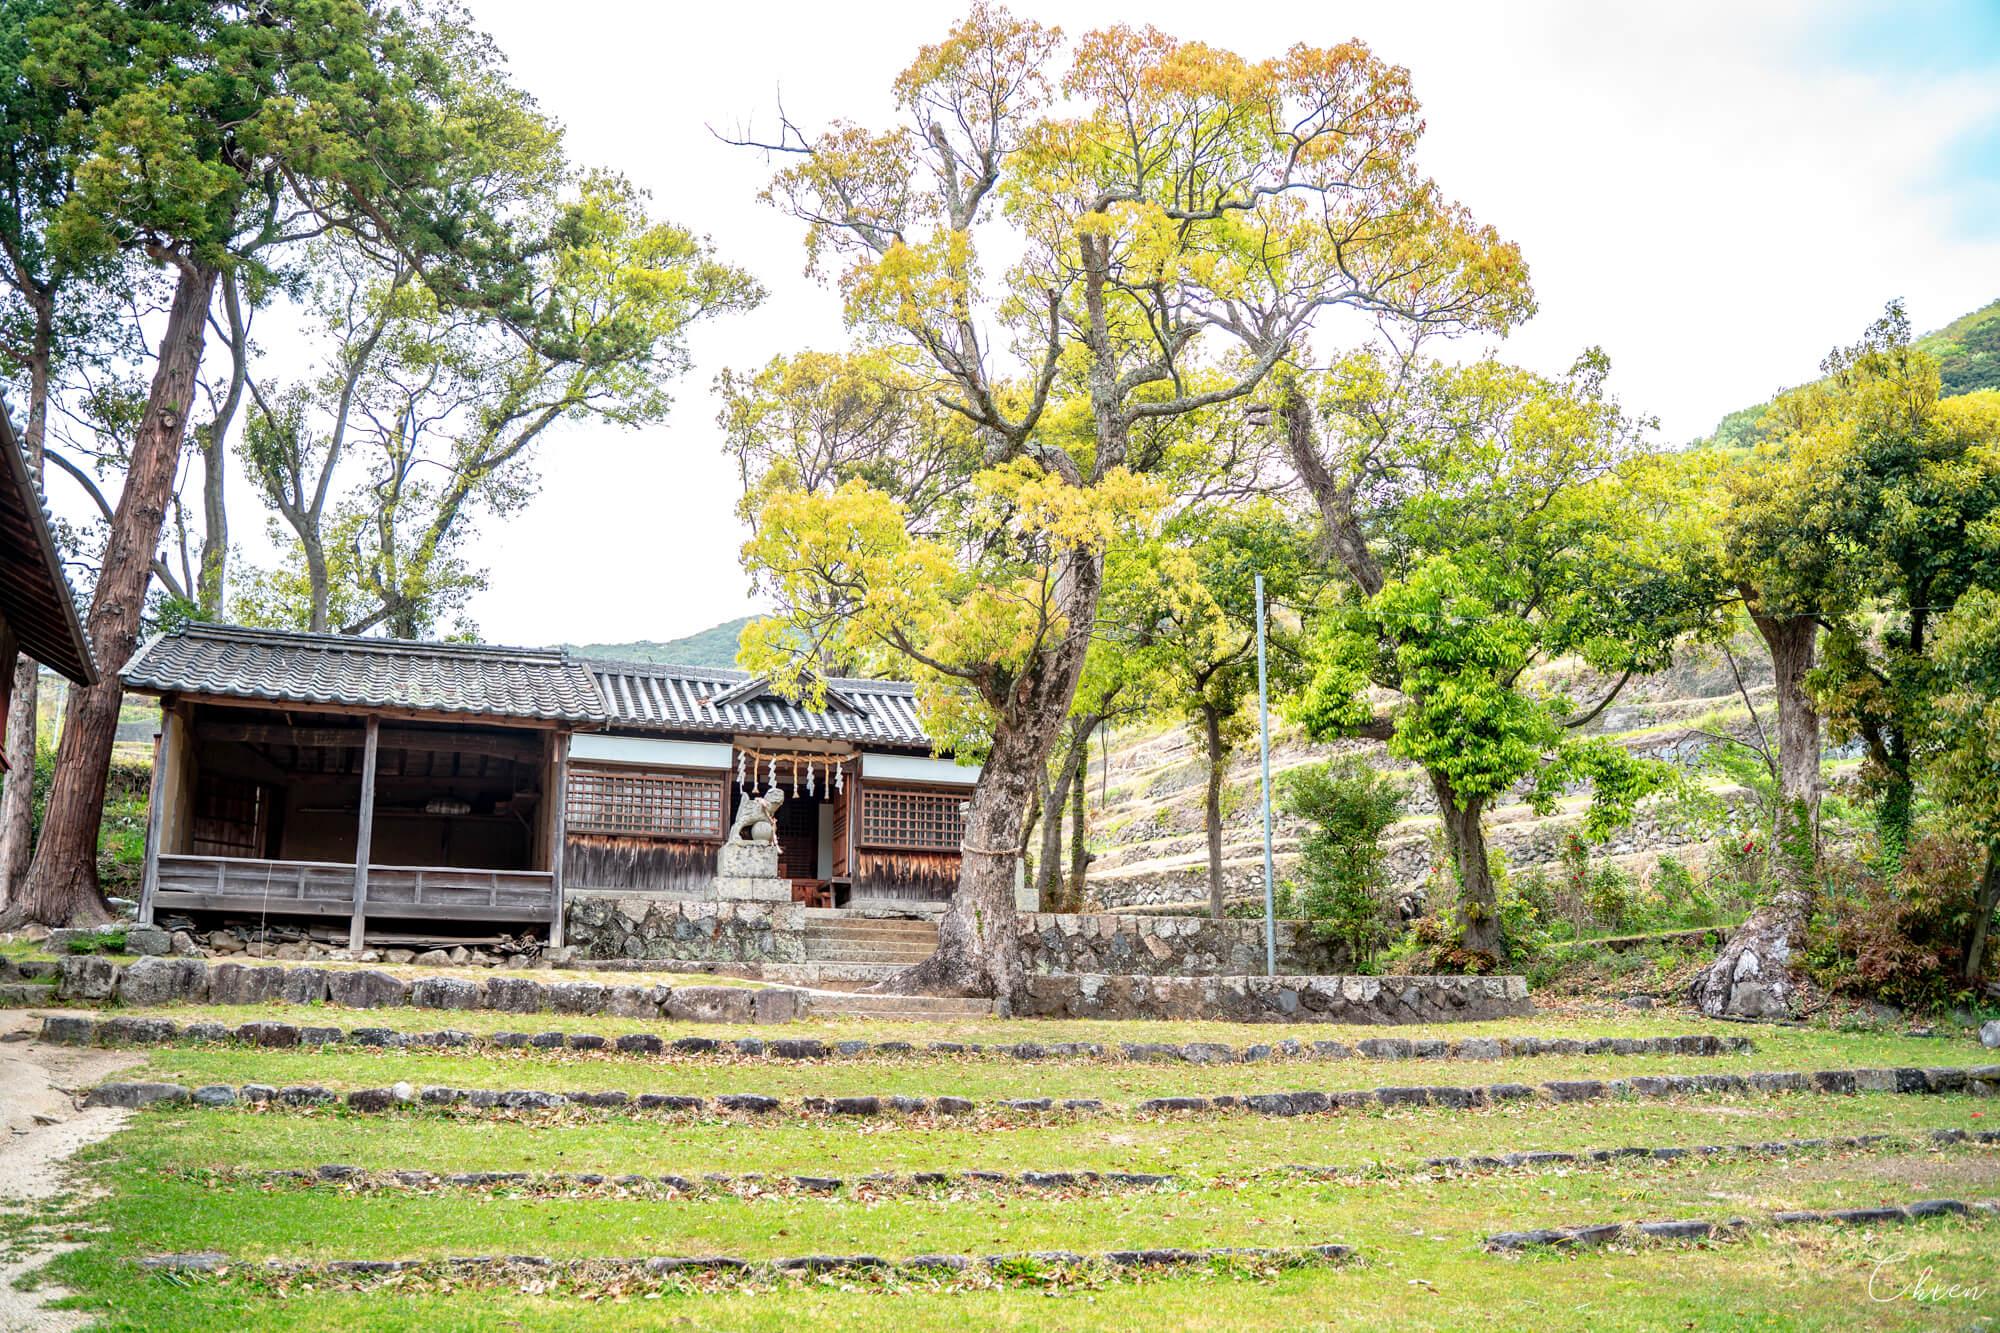 香川美食 小豆食堂周邊景點